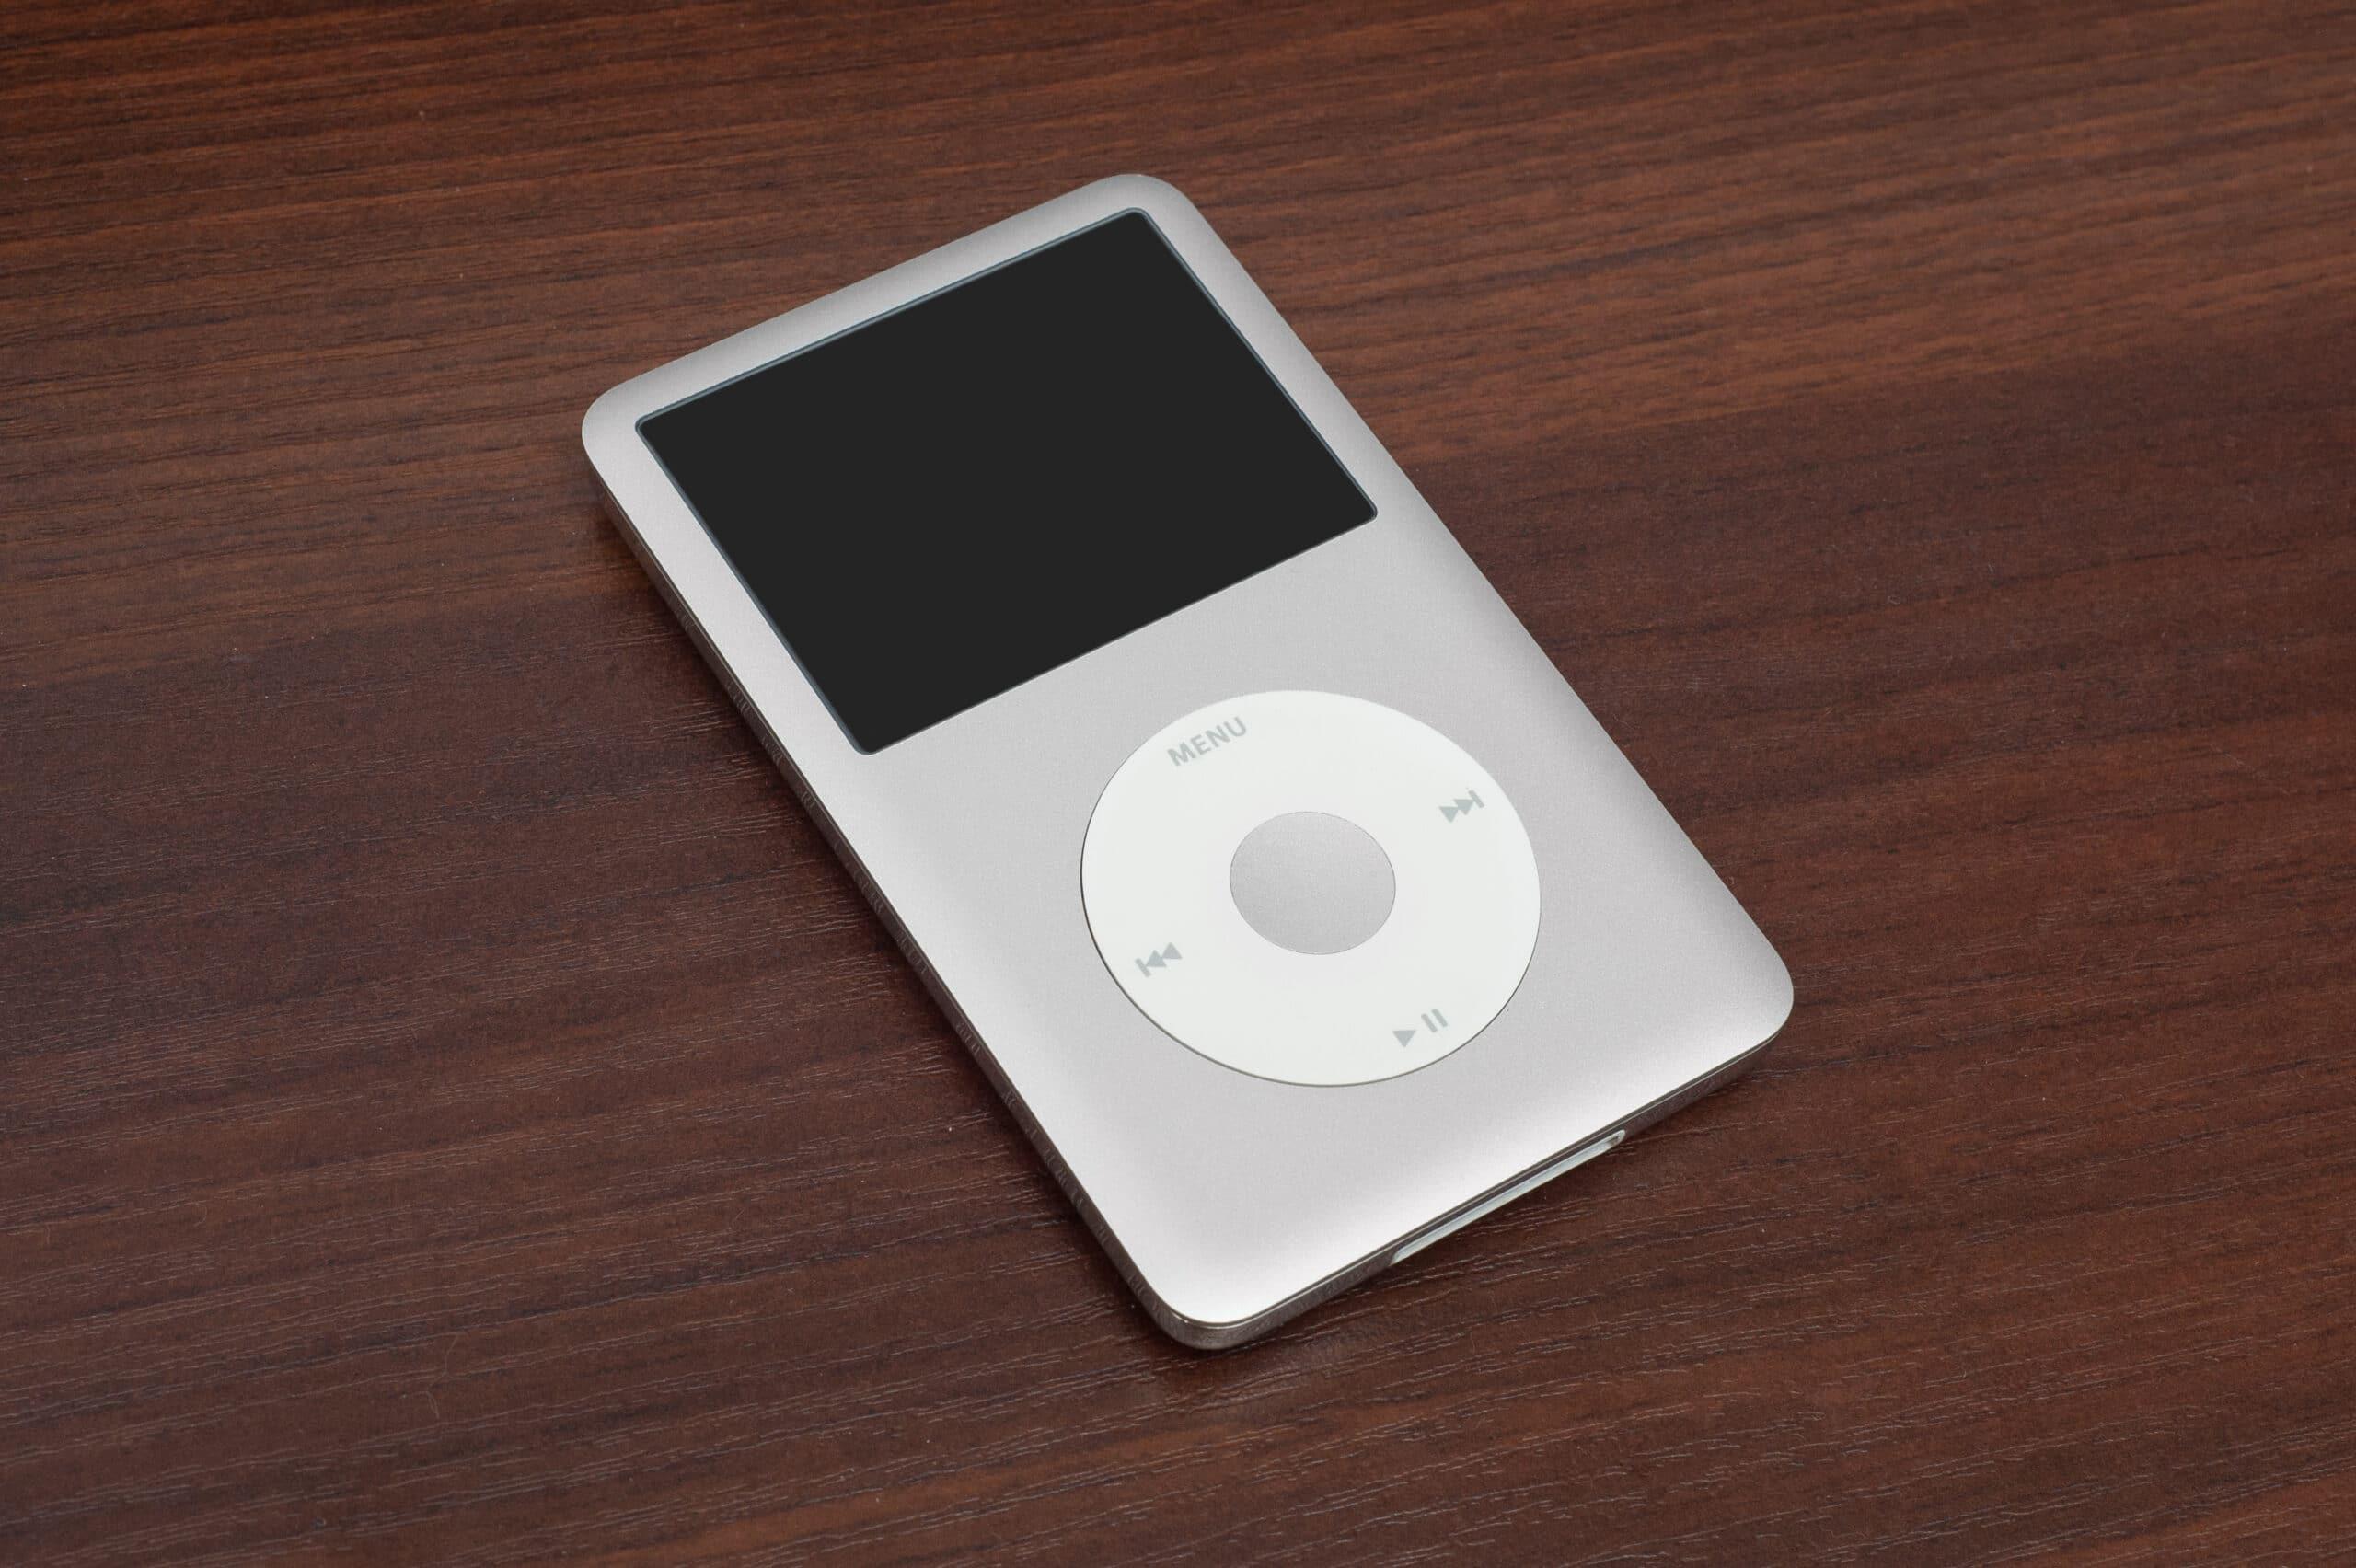 iPod classic prata sobre uma mesa